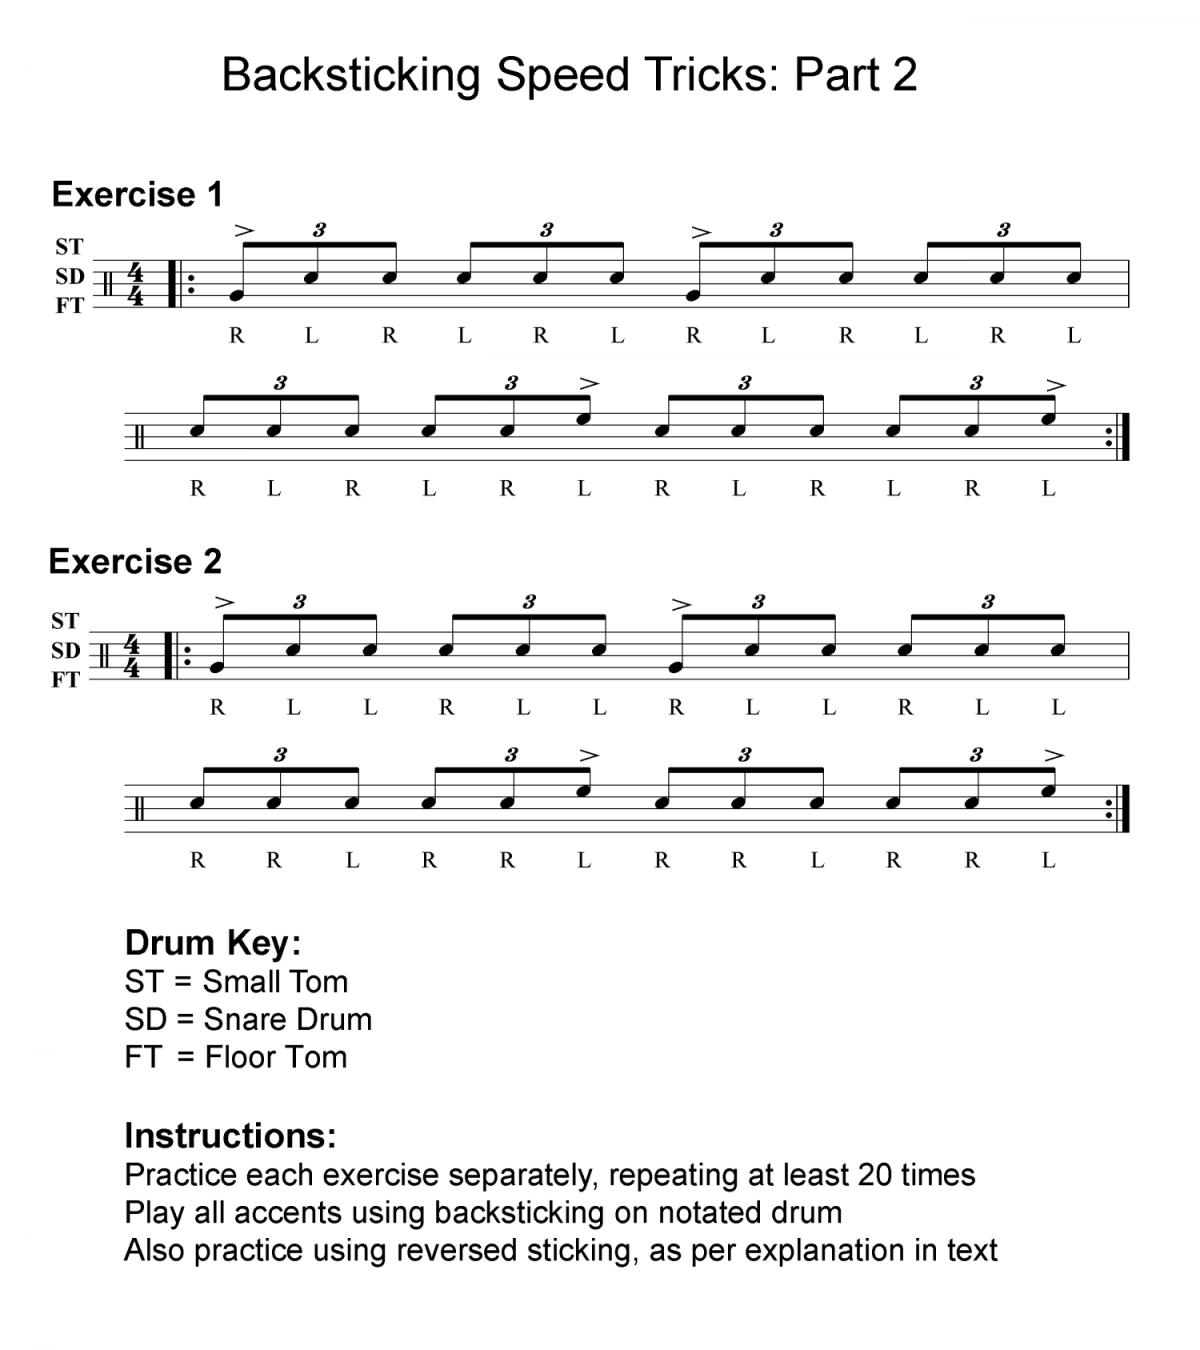 backsticking-speed-tricks-notation-part2